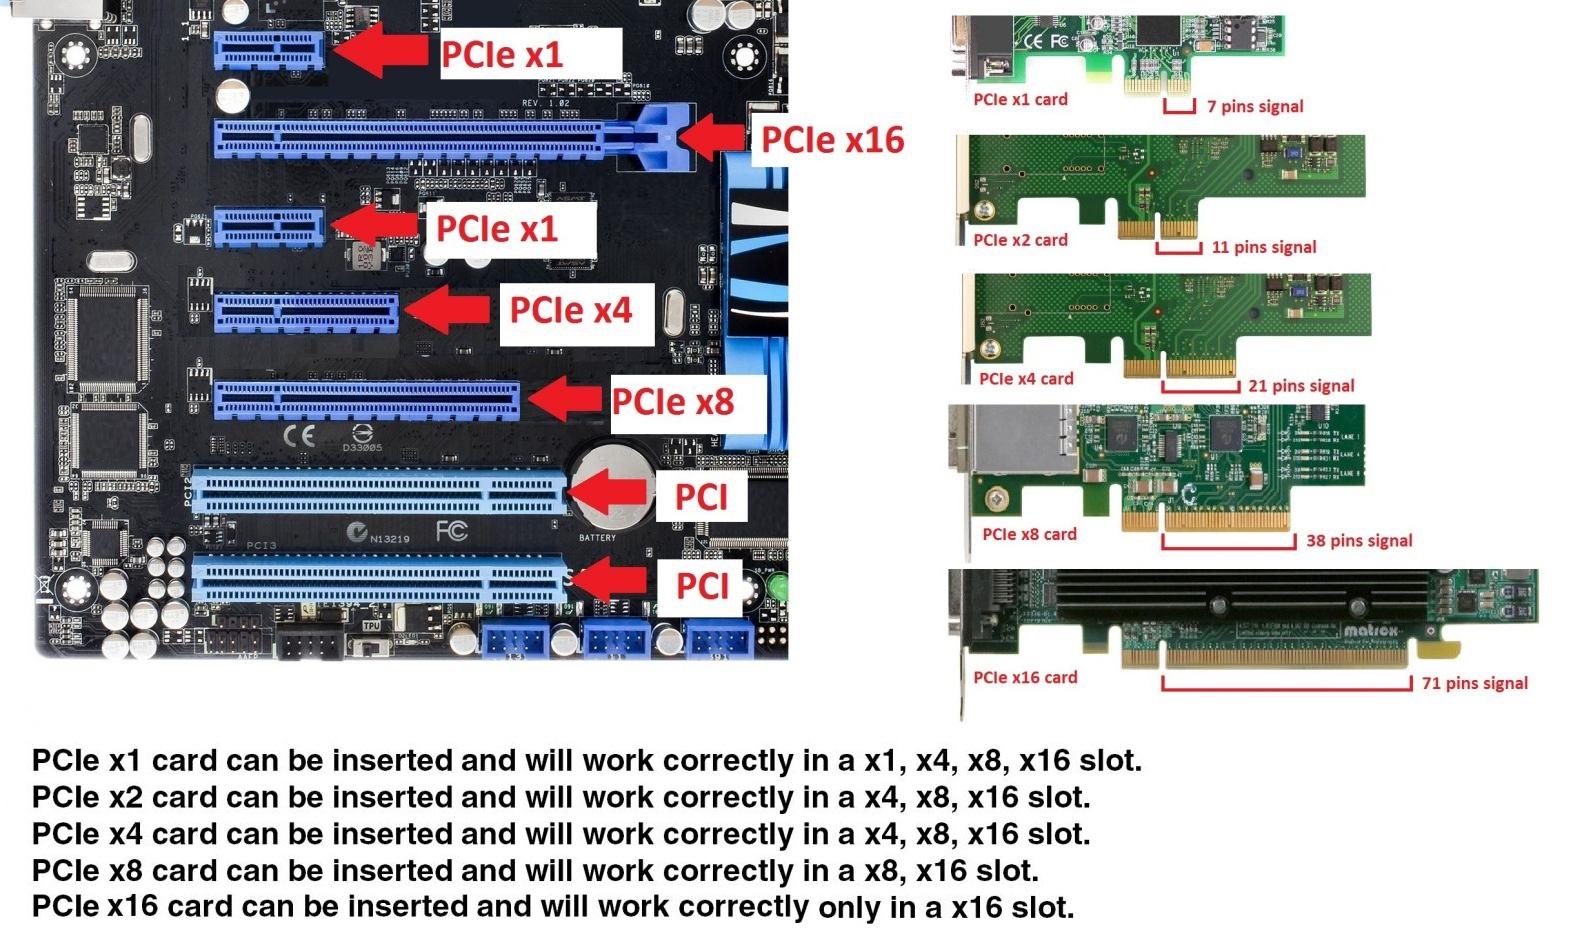 Ổ đĩa NVMe còn được gọi là SSD PCI-Express (PCIe) vì chúng sử dụng bus PCI-Express (PCIe) để truyền dữ liệu